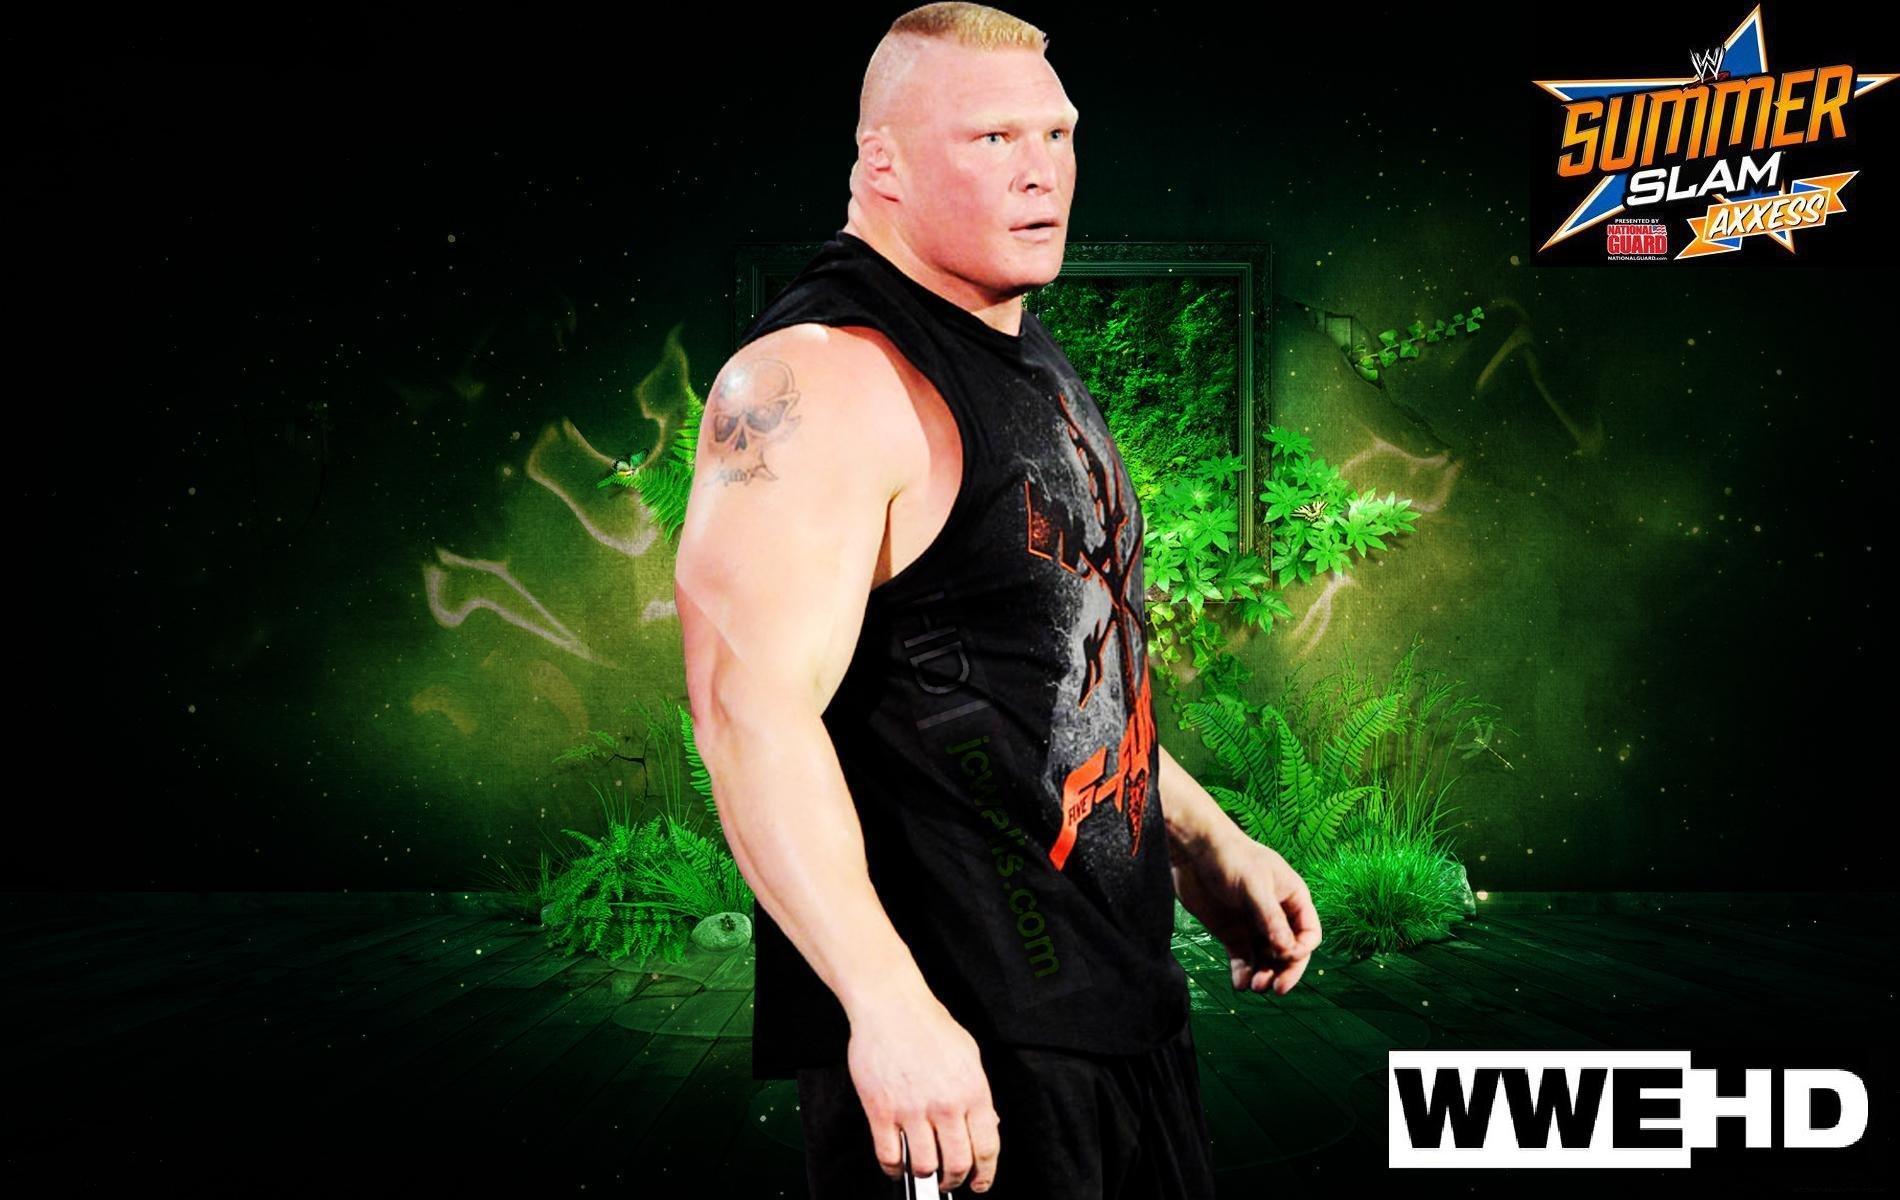 WWE Brock Lesner Wrestling Fighting 14 JPG Wallpaper